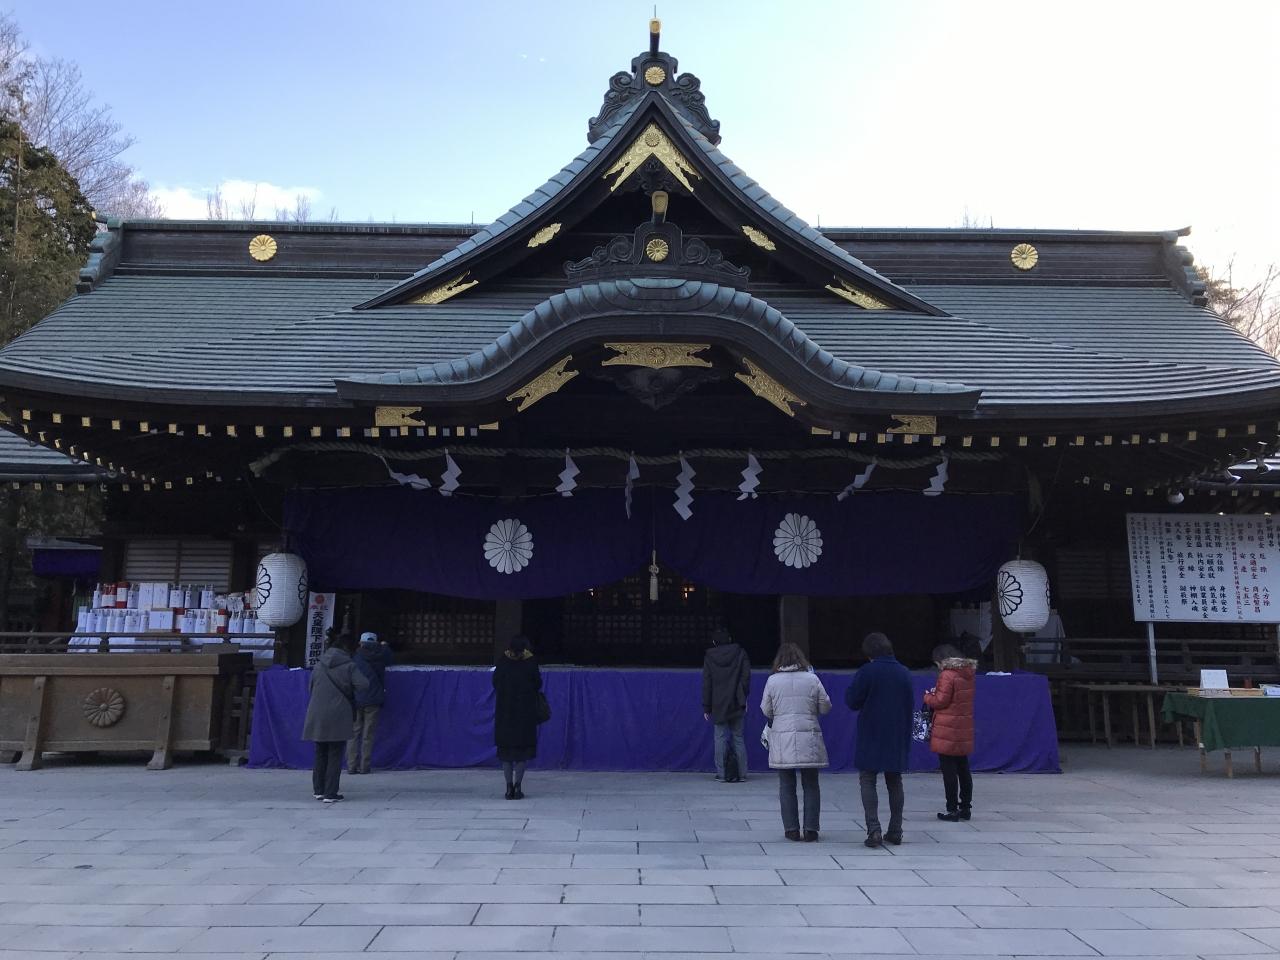 大國魂神社のクチコミ(1ページ)